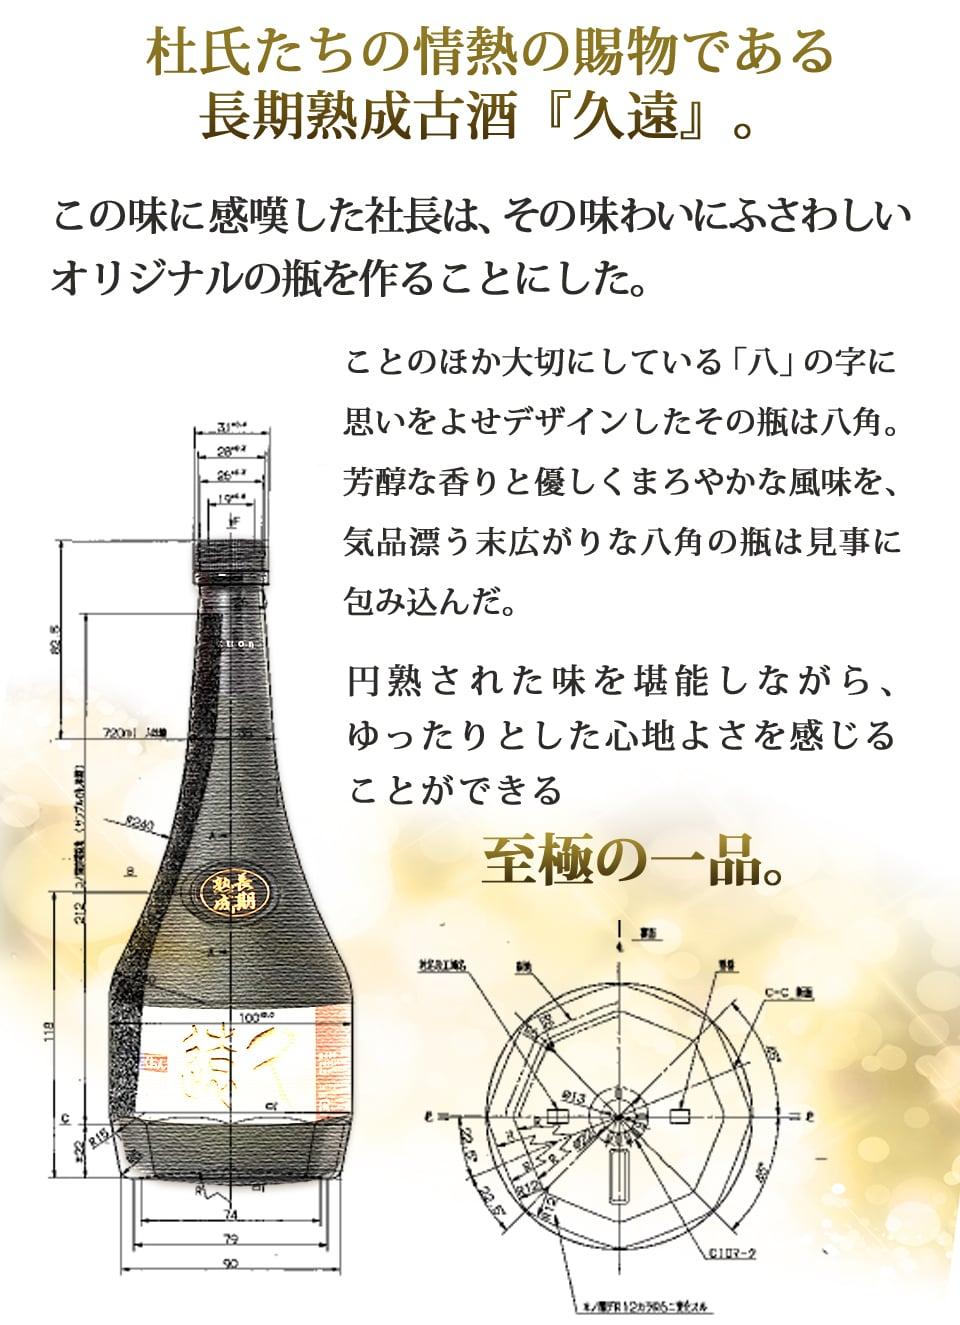 杜氏たちの情熱の賜物である長期熟成古酒『久遠』